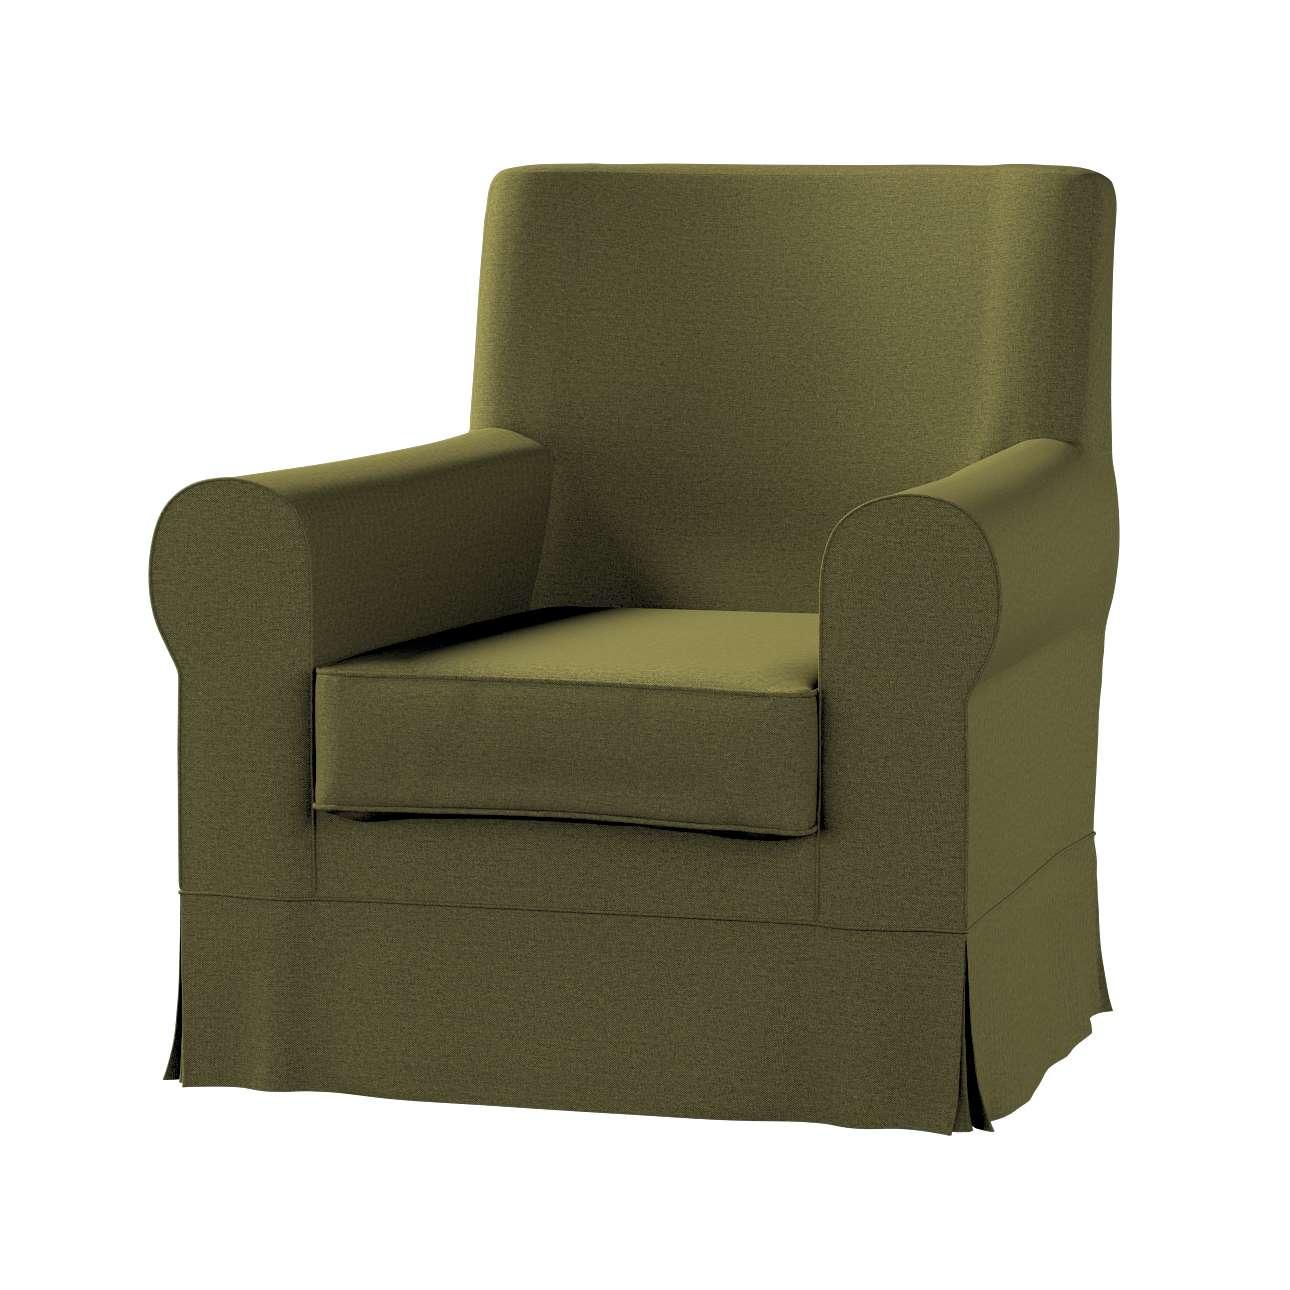 Pokrowiec na fotel Ektorp Jennylund w kolekcji Etna, tkanina: 161-26